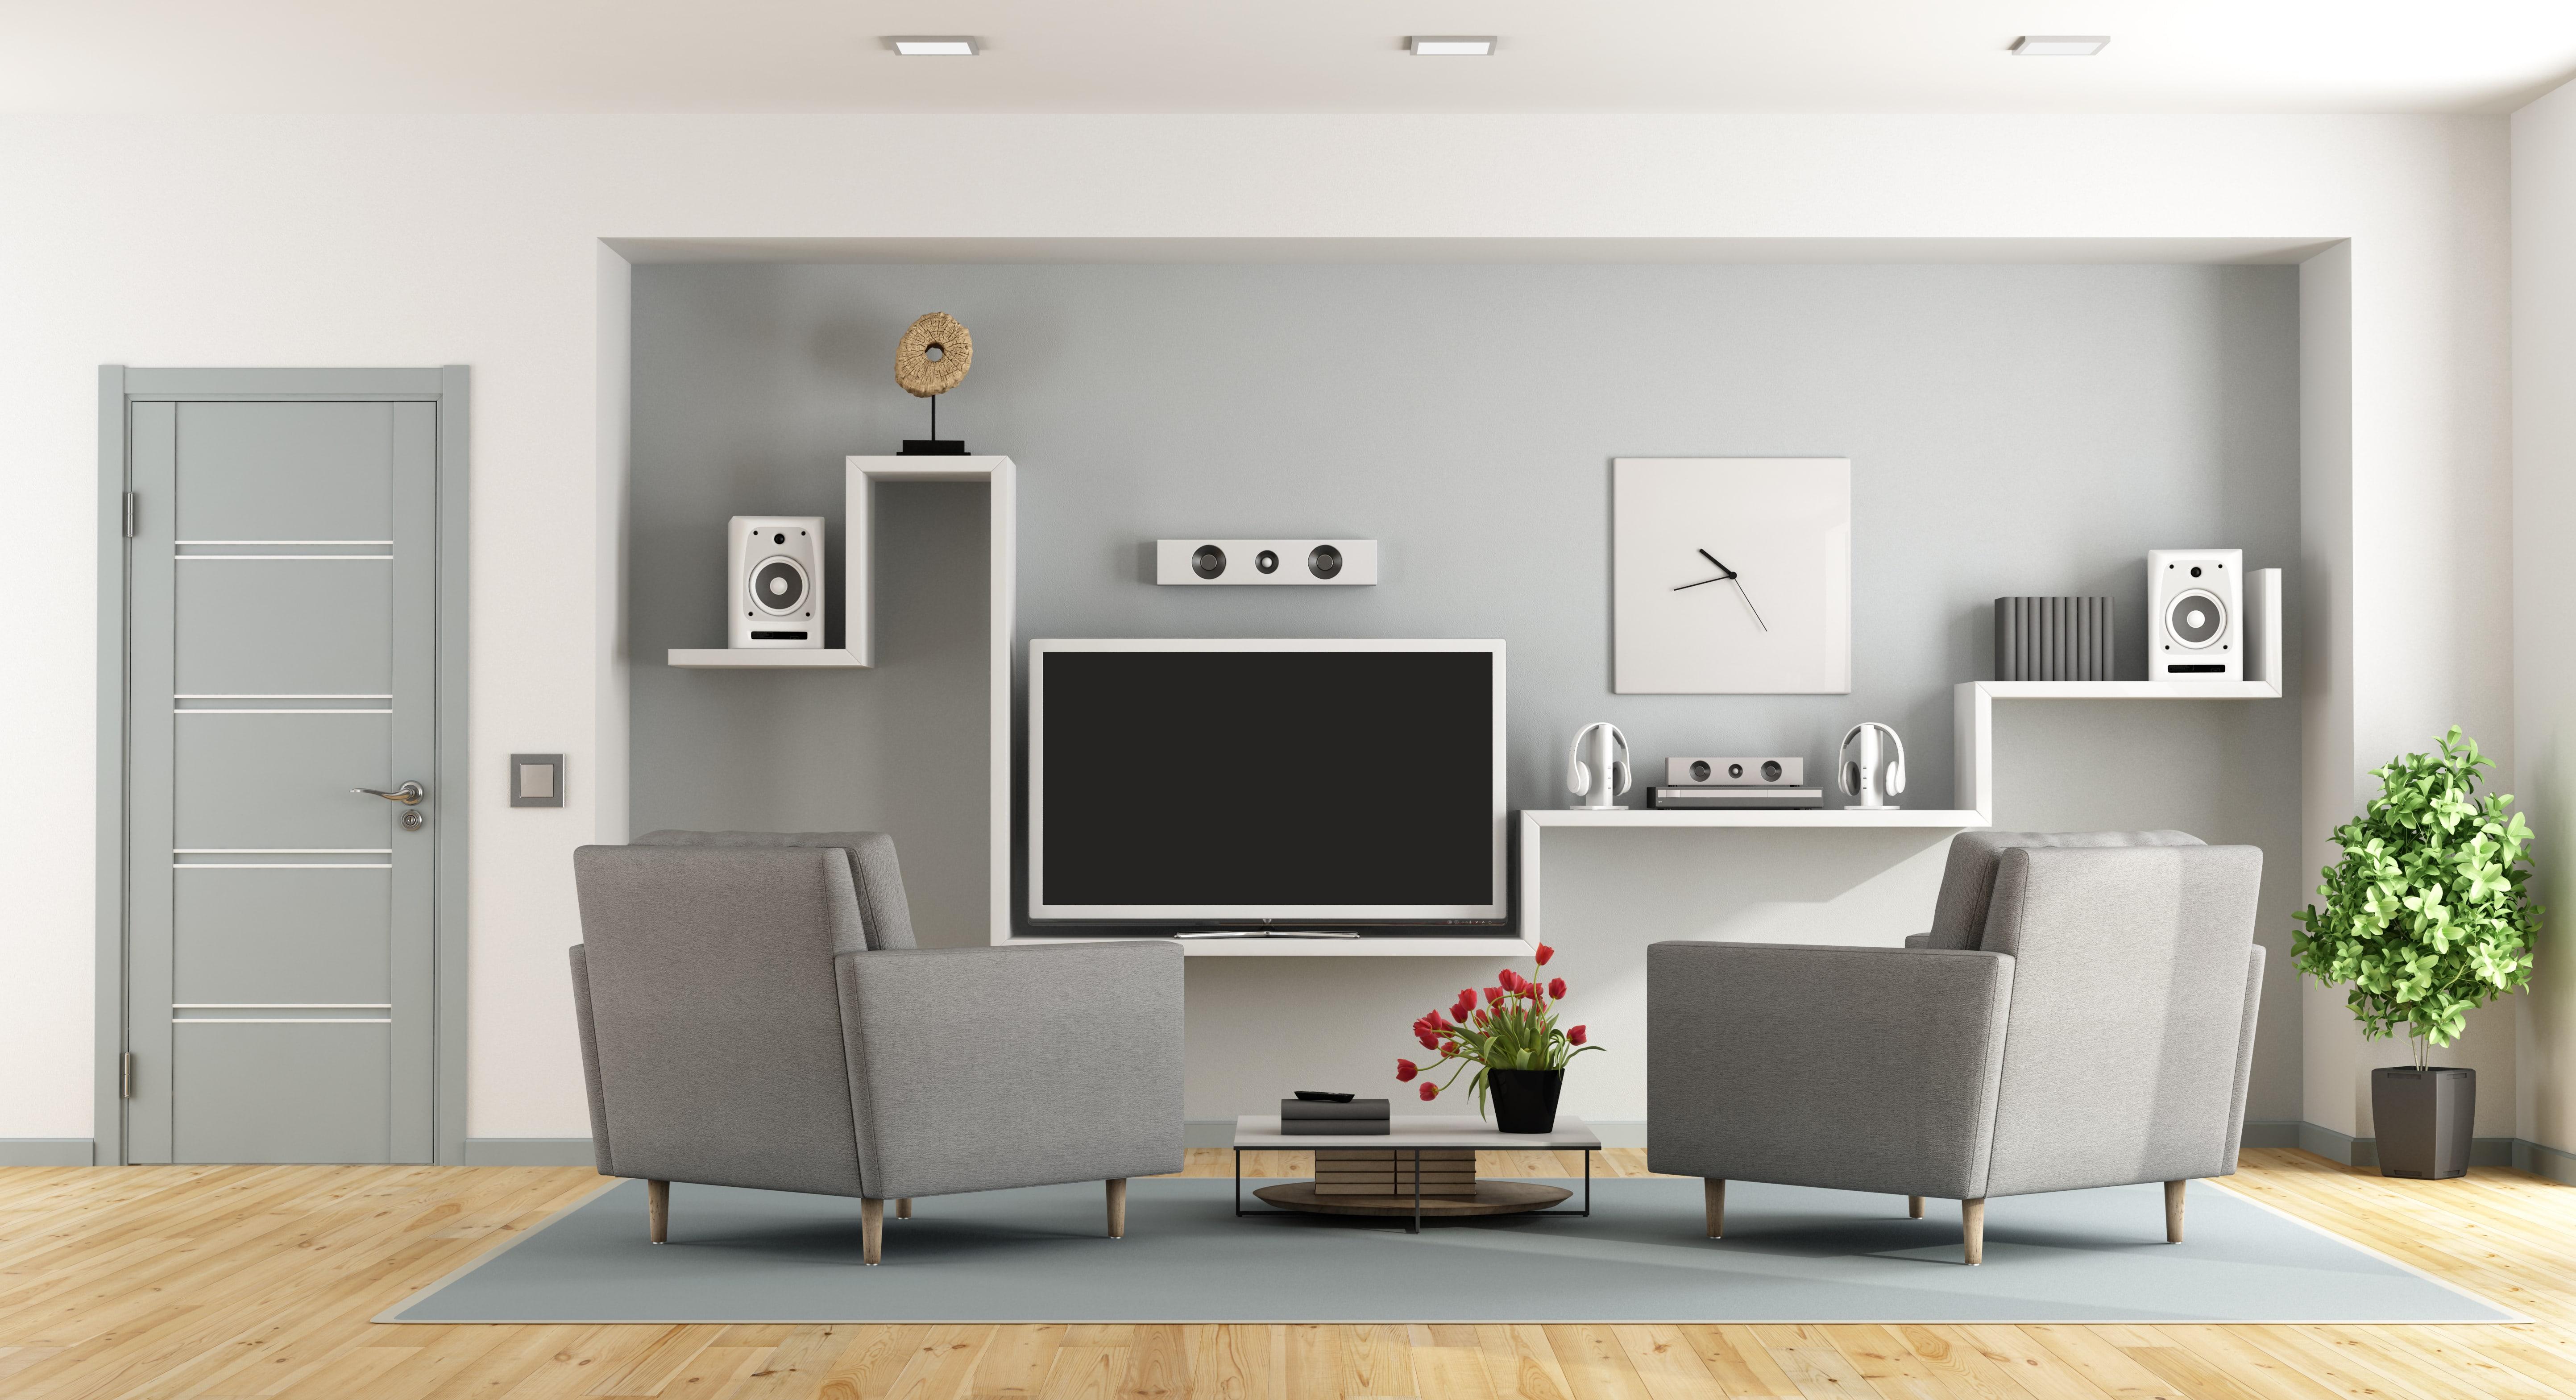 Schöner schauen – 3D Fernseher für das Heimkino?